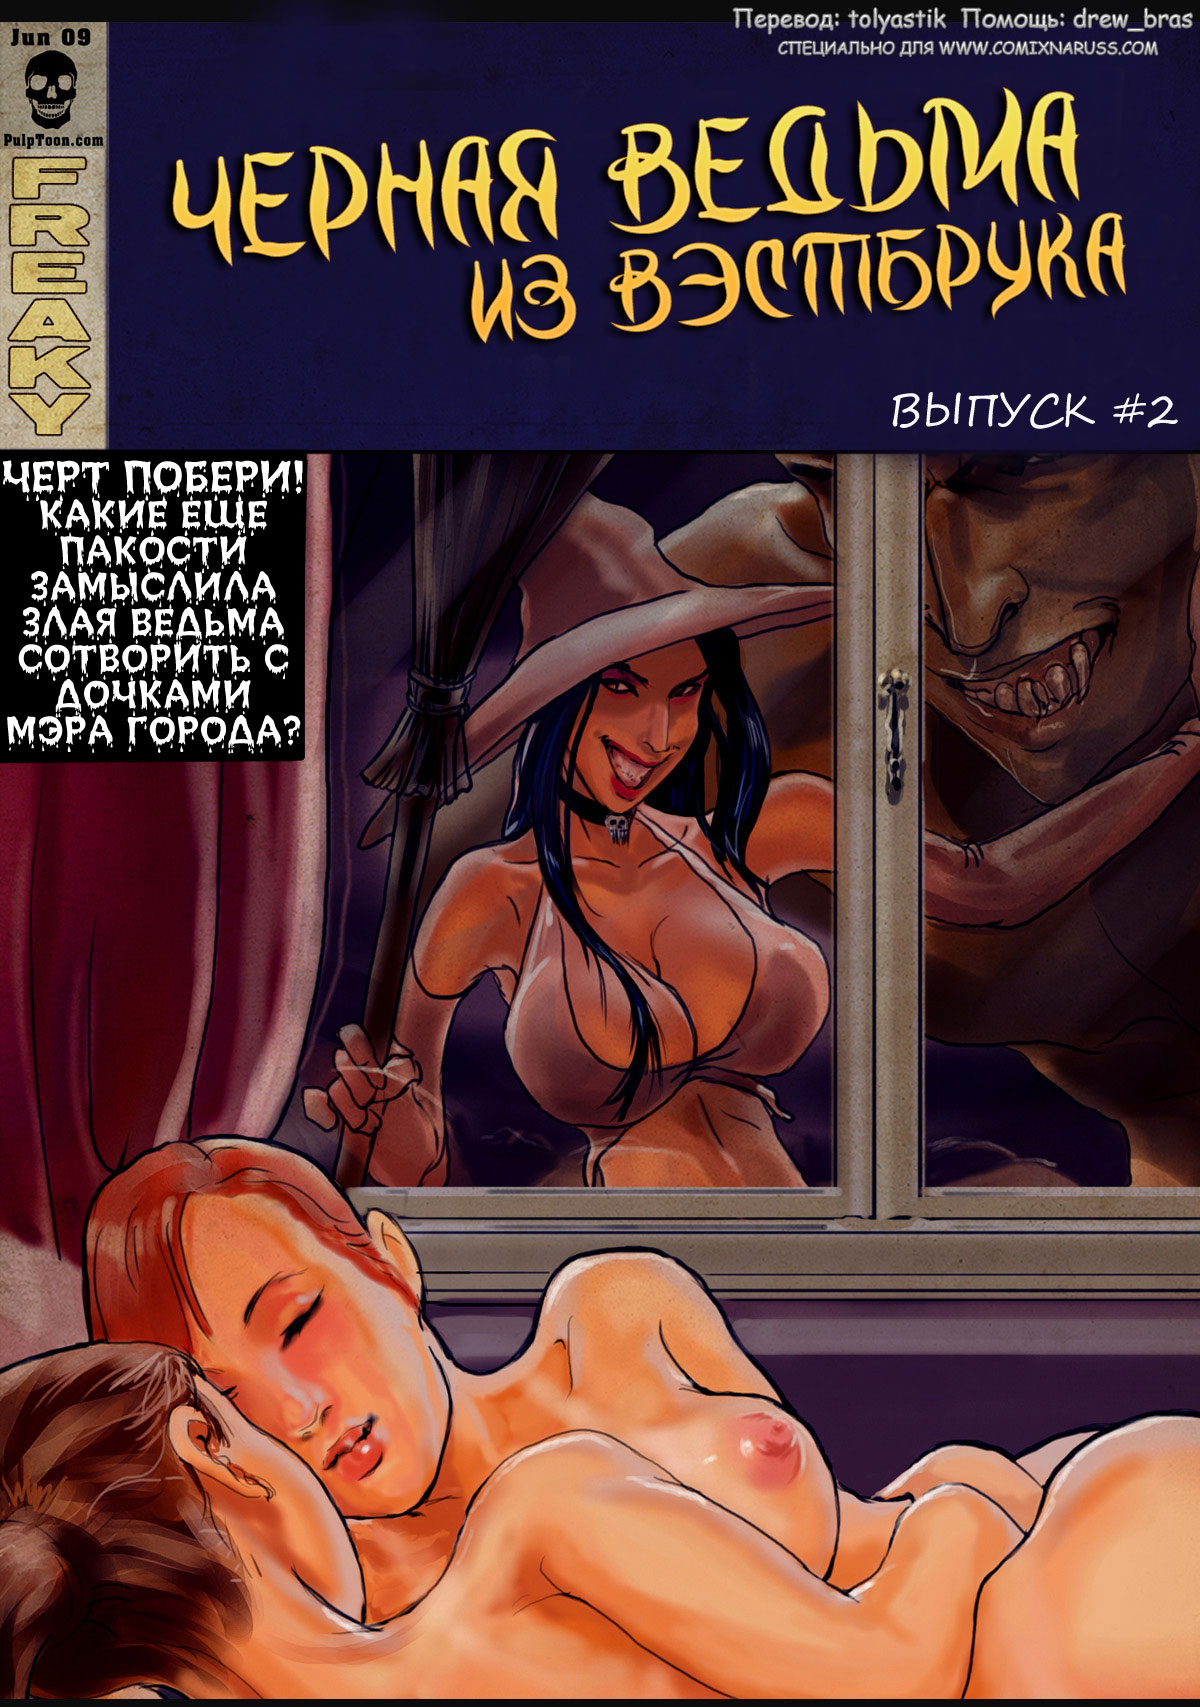 Смотреть порно ведьмы 9 фотография